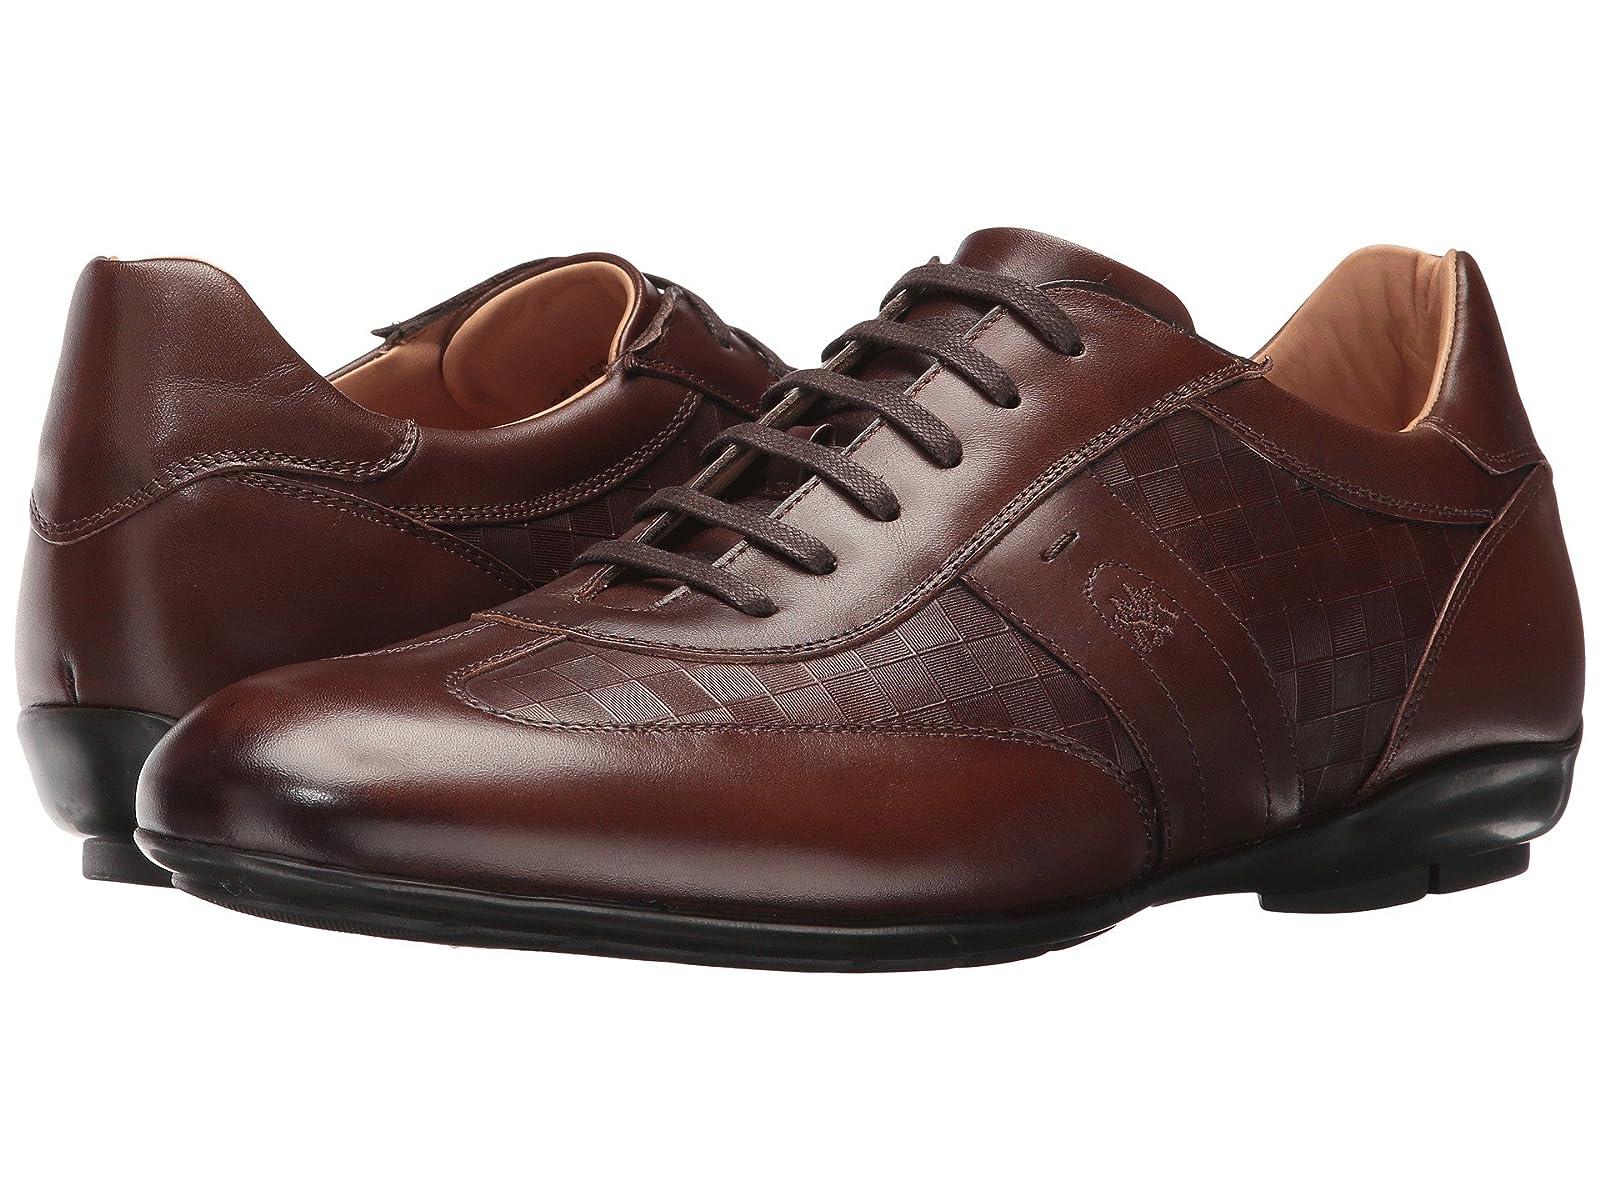 Mezlan BaenaAtmospheric grades have affordable shoes